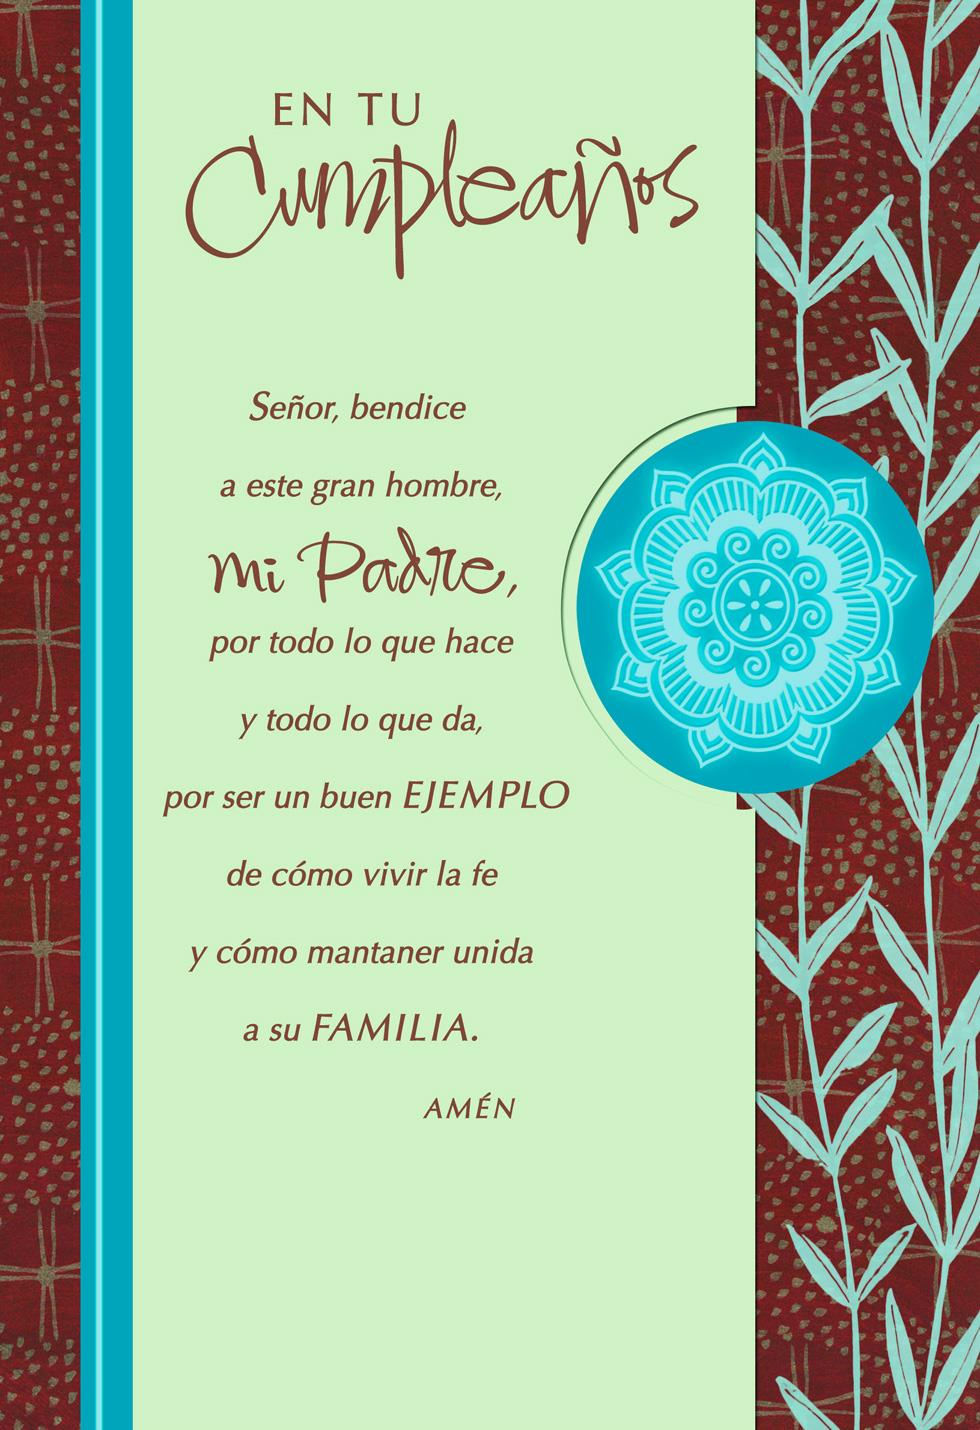 Dia 14 El Y Arreglos Febrero Febrero De De Caja De Para En La Amistad Del Madera 14 Amor